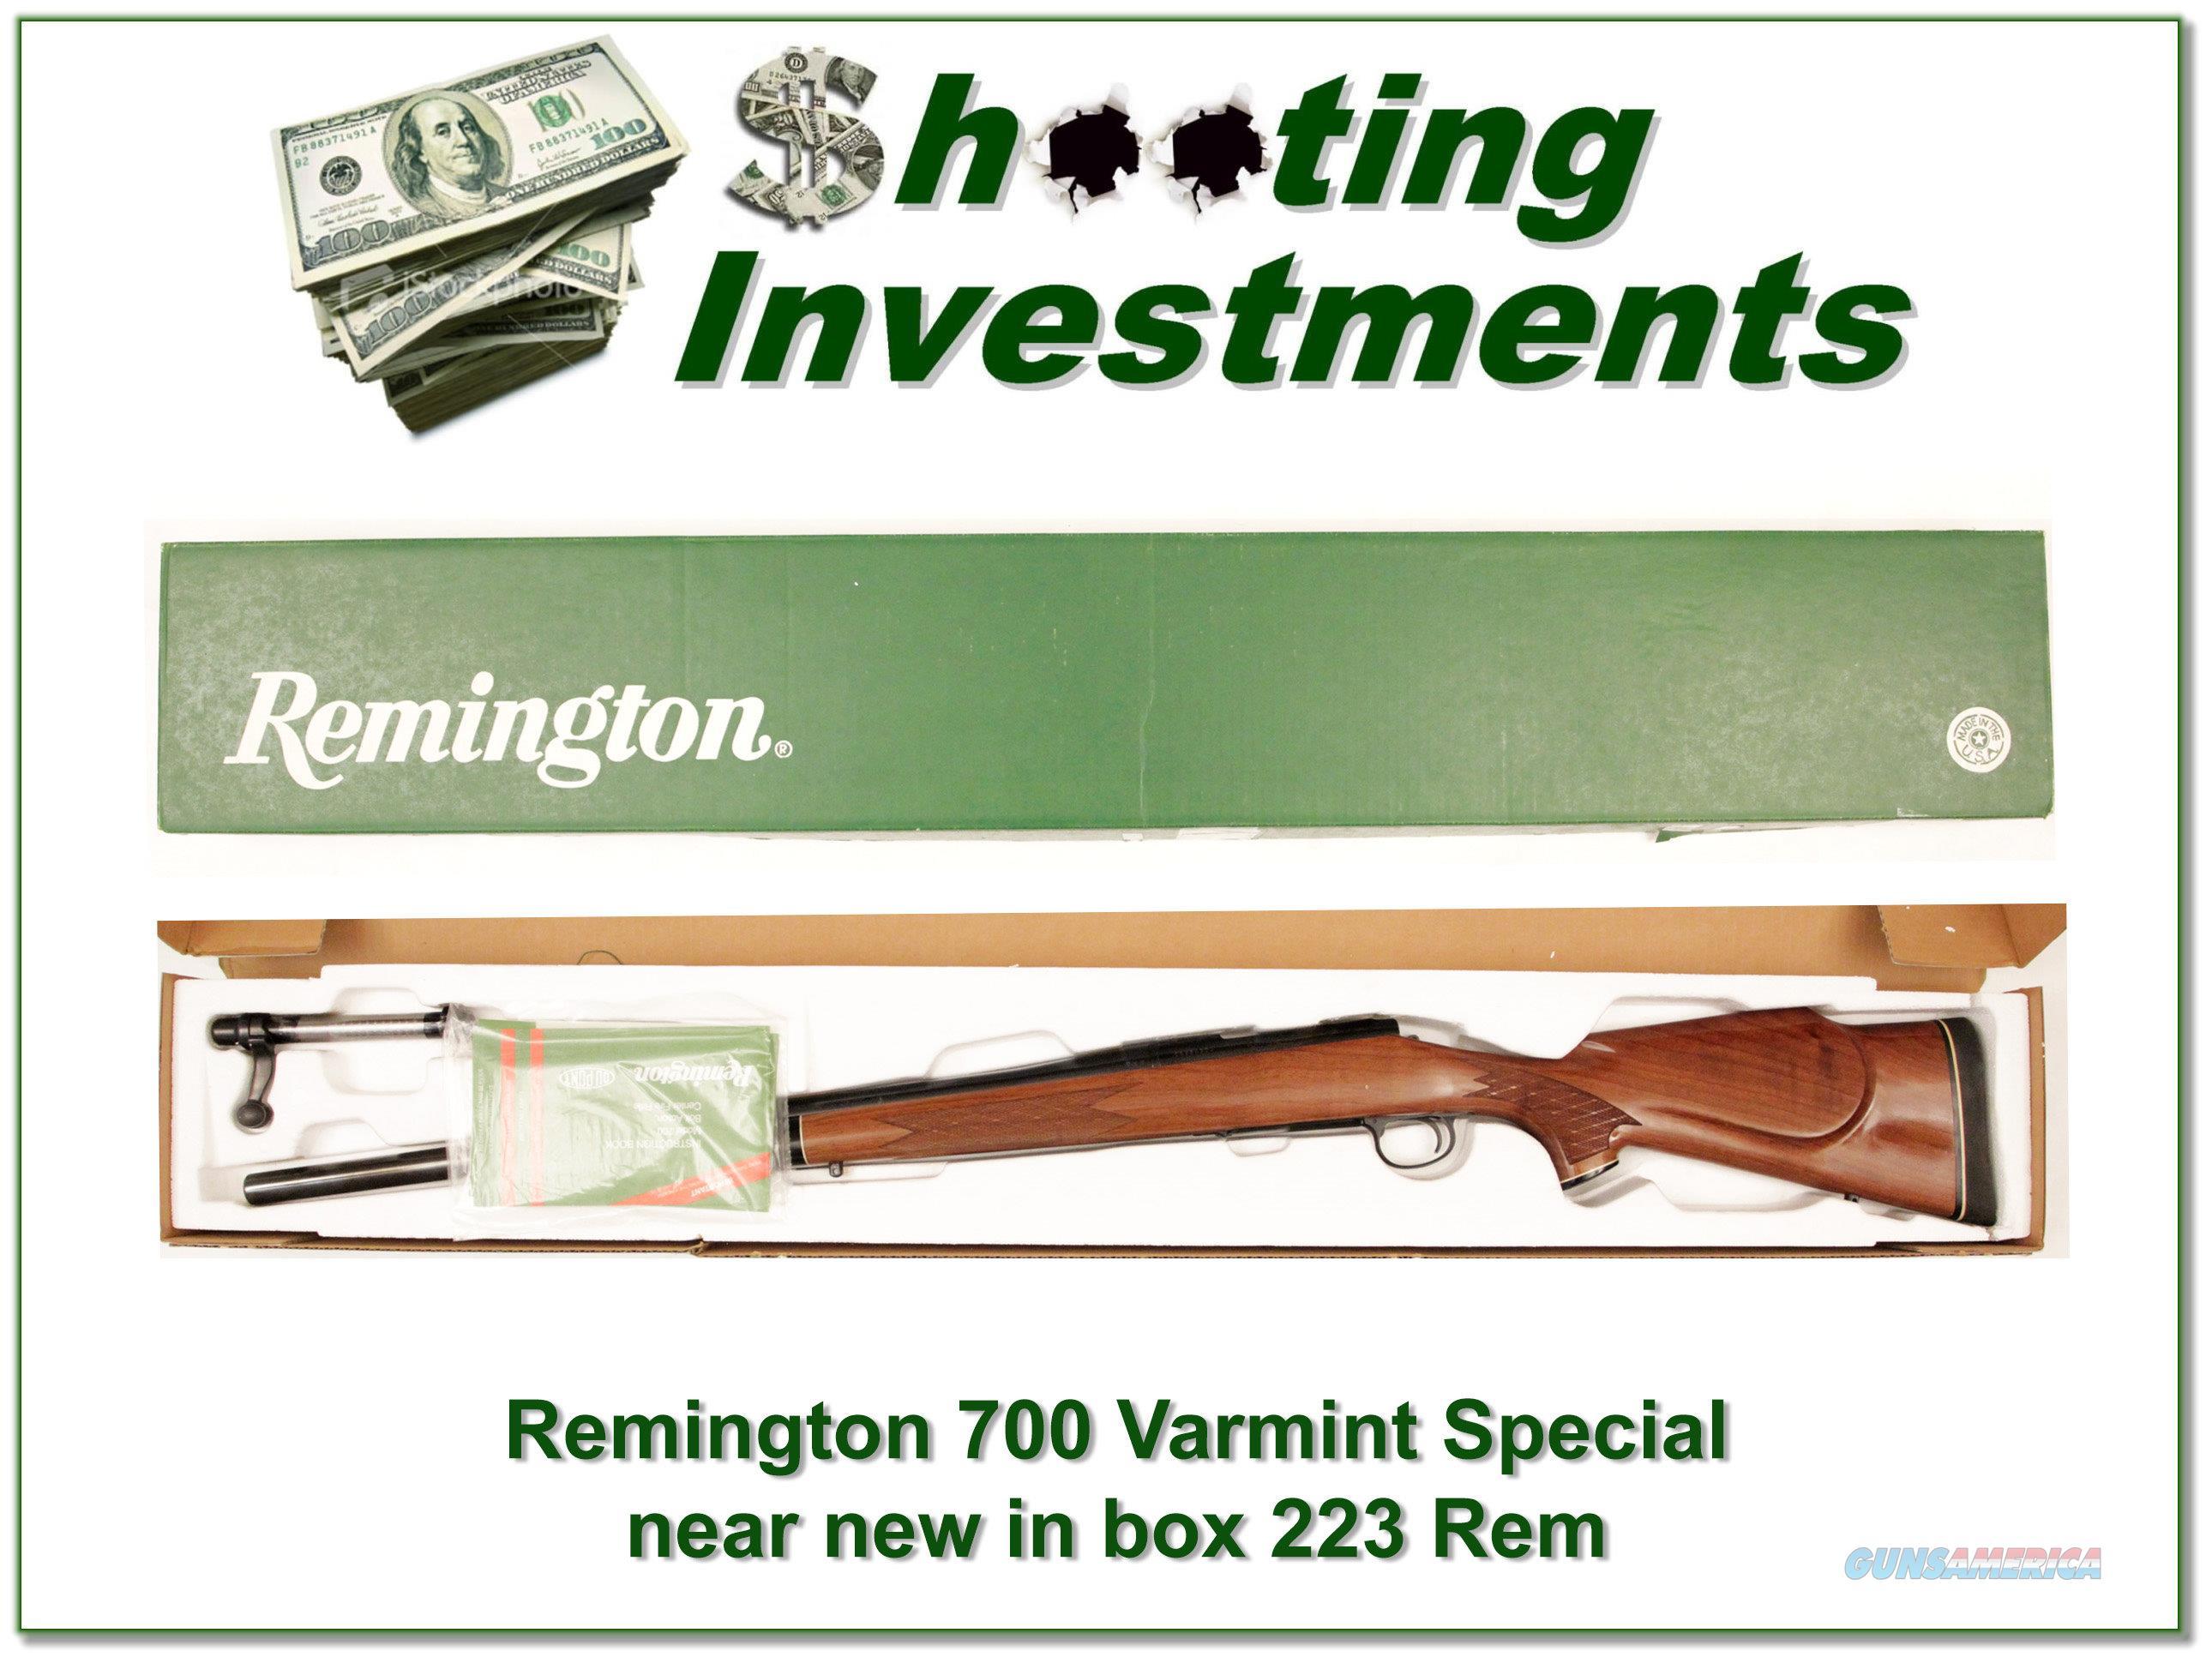 Magnum Insurance Near Me >> Remington 700 Varmint Special 223 Remington! for sale